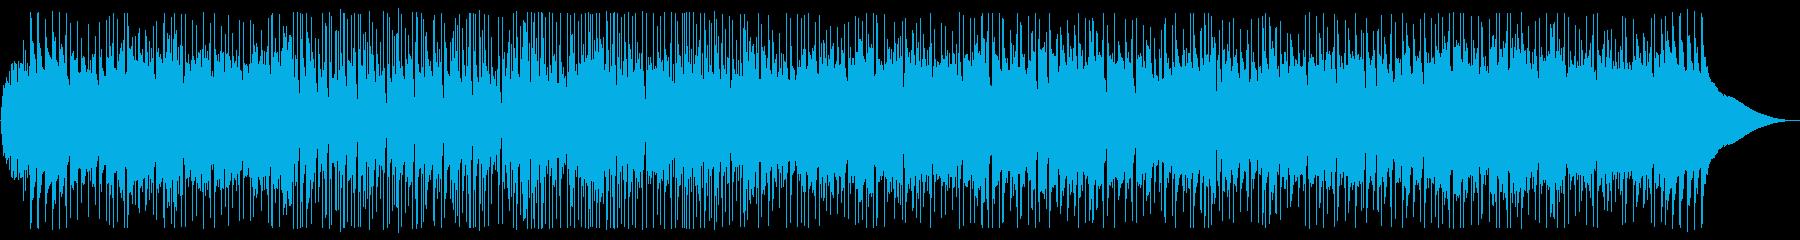 爽やかでオシャレな和風BGMの再生済みの波形